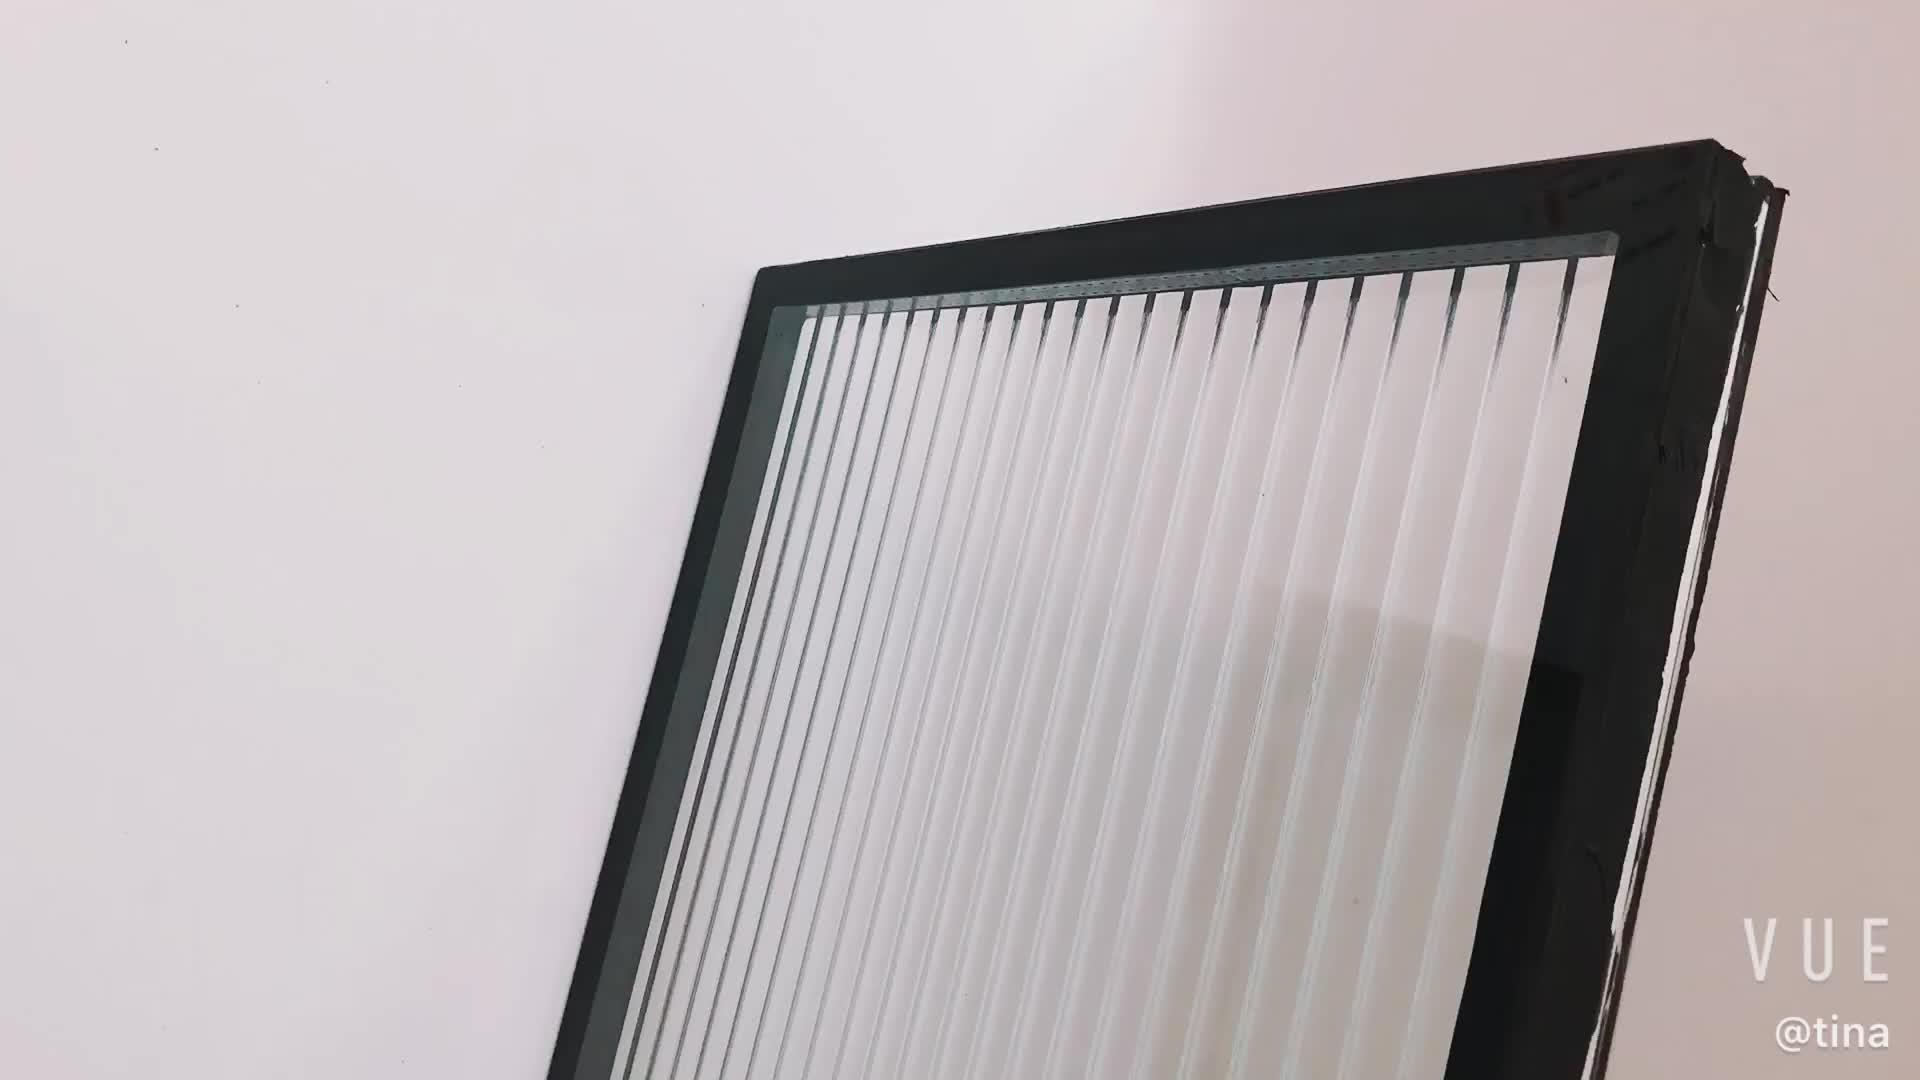 زجاج لامع مزدوج وحدات-الزخرفية منقوشة اتحاد الجغرافي الدولي الزجاج المورد (MORU/ضيق مقصب)